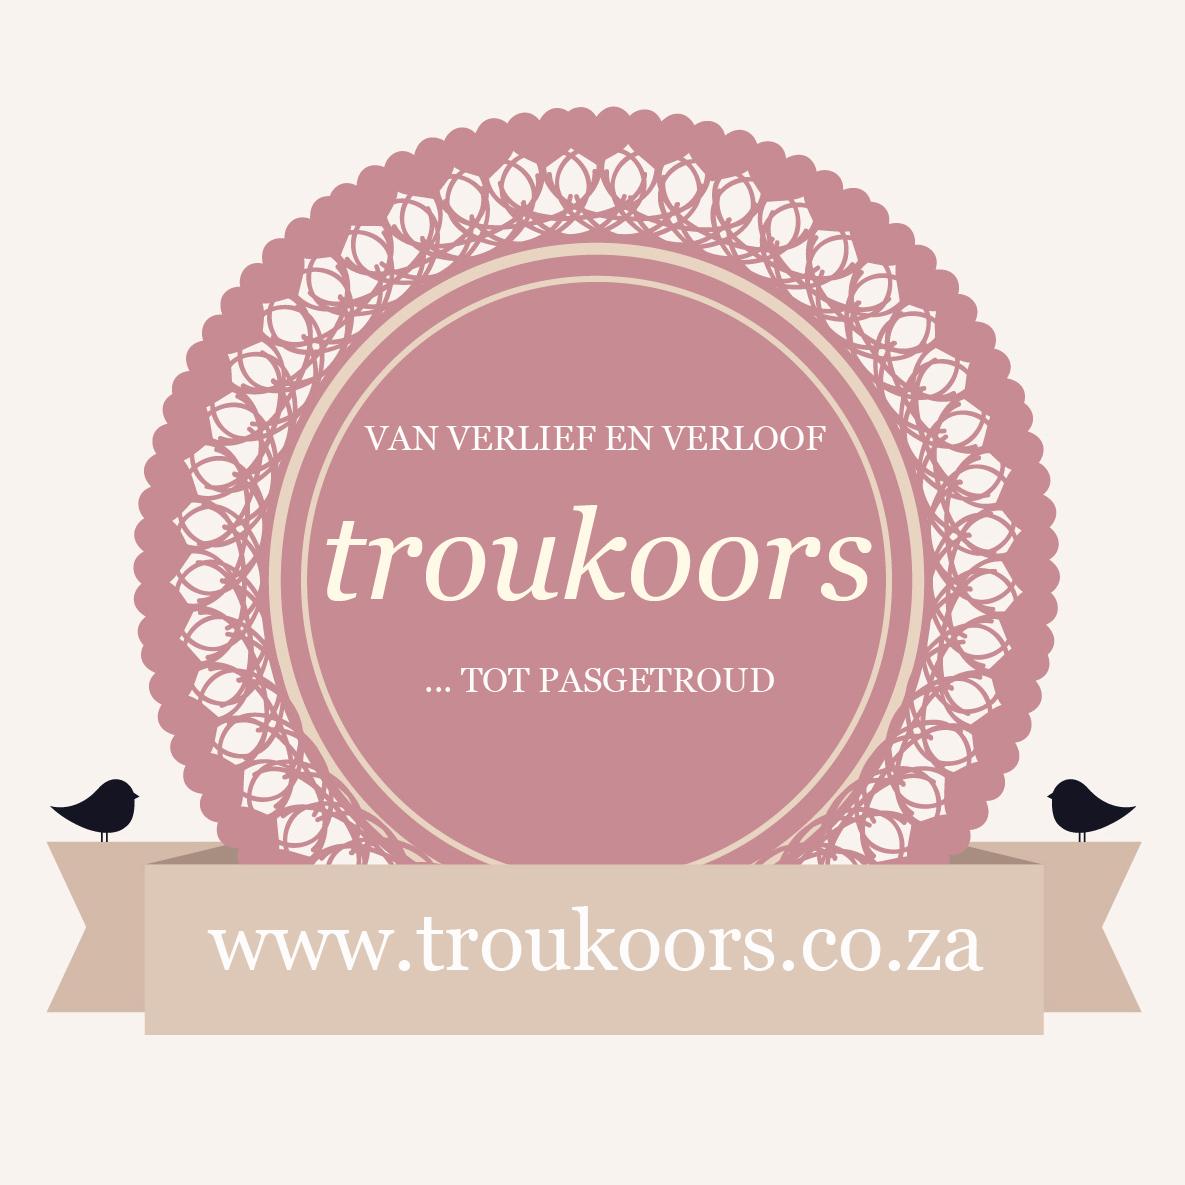 Troukoors_banner.jpg